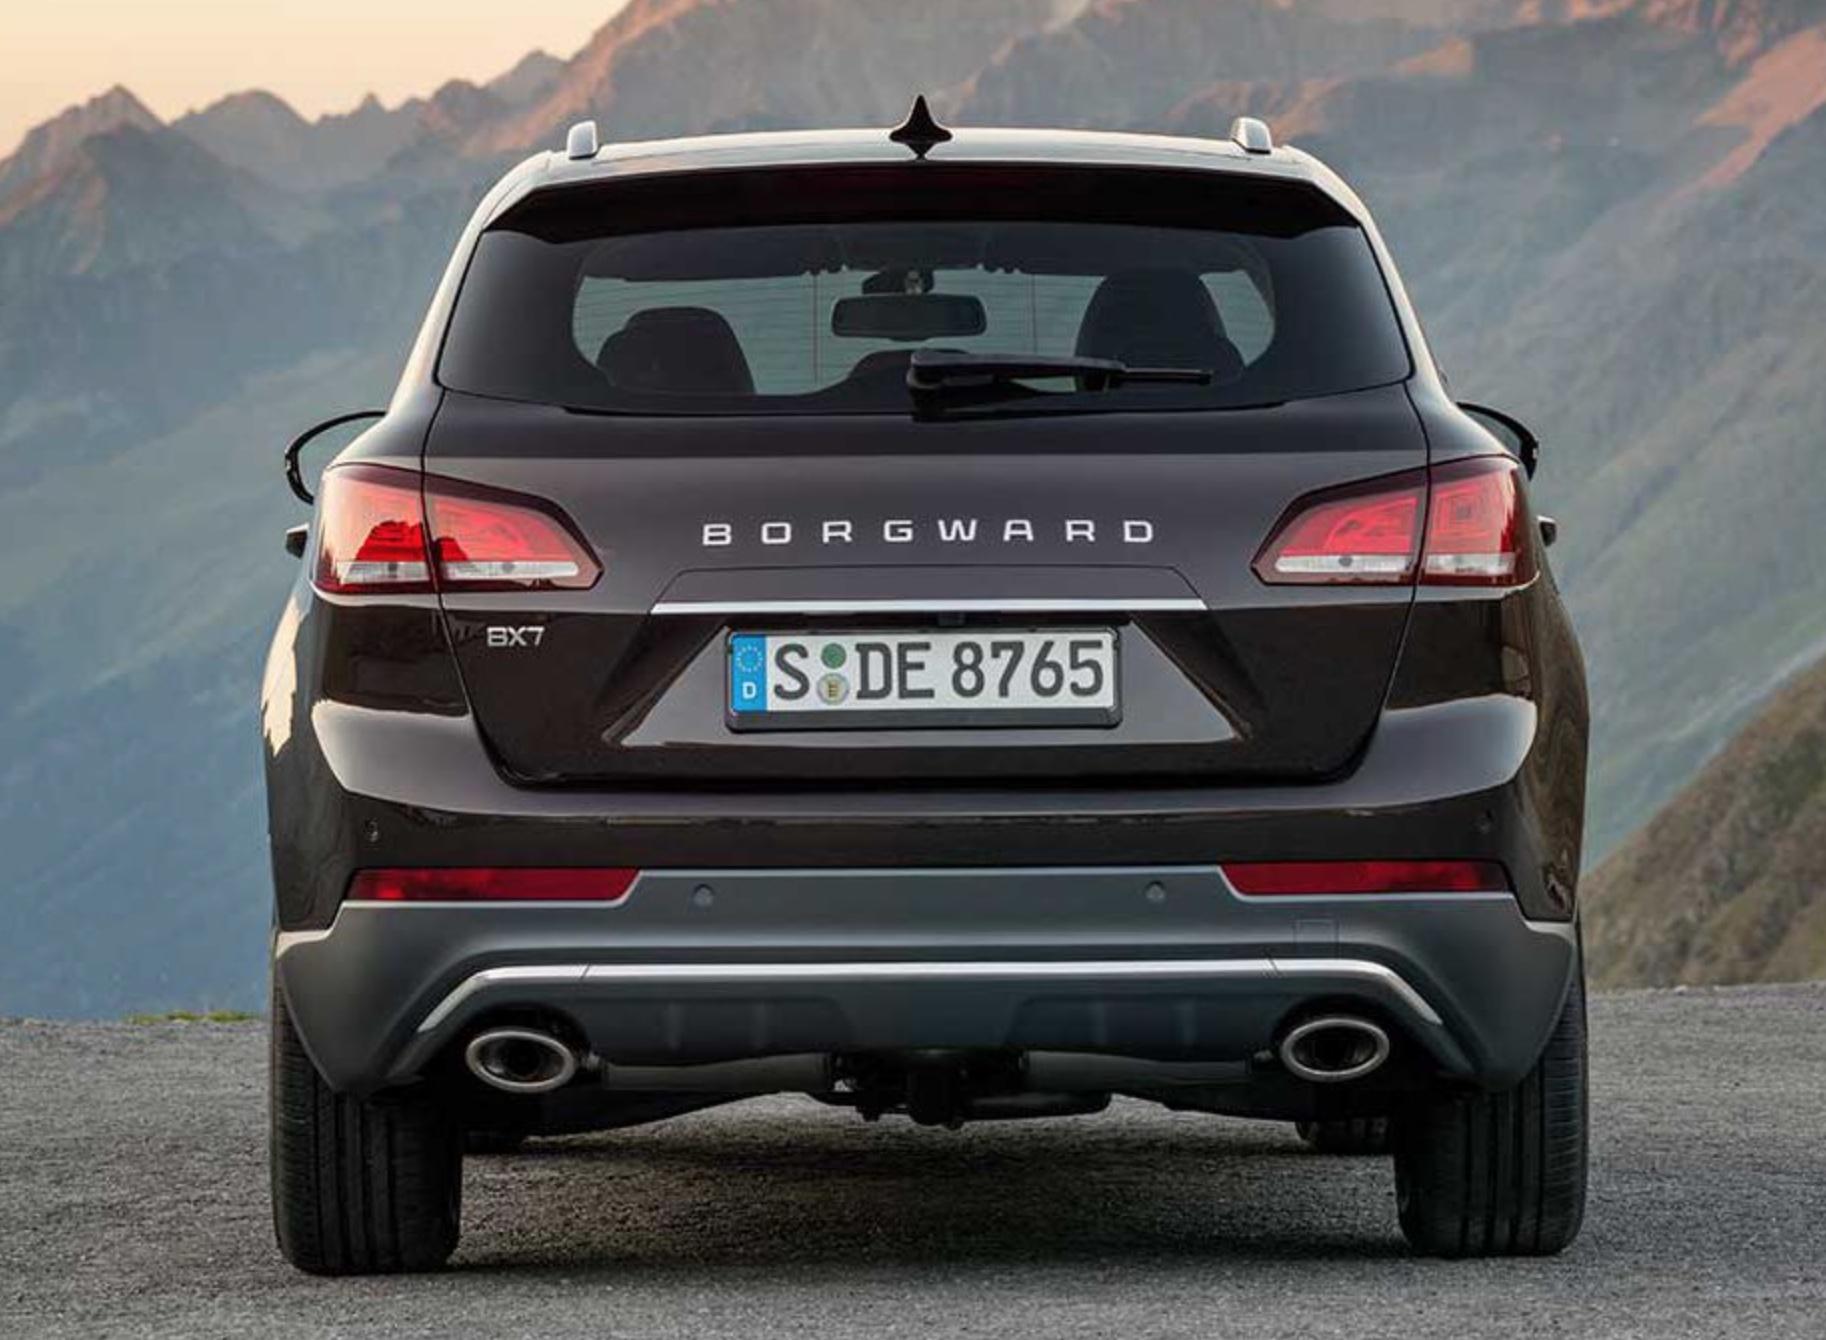 Elektroautos: Borgward kehrt nach Bremen zurück - Borgward BX7 (Bild: Borgward)